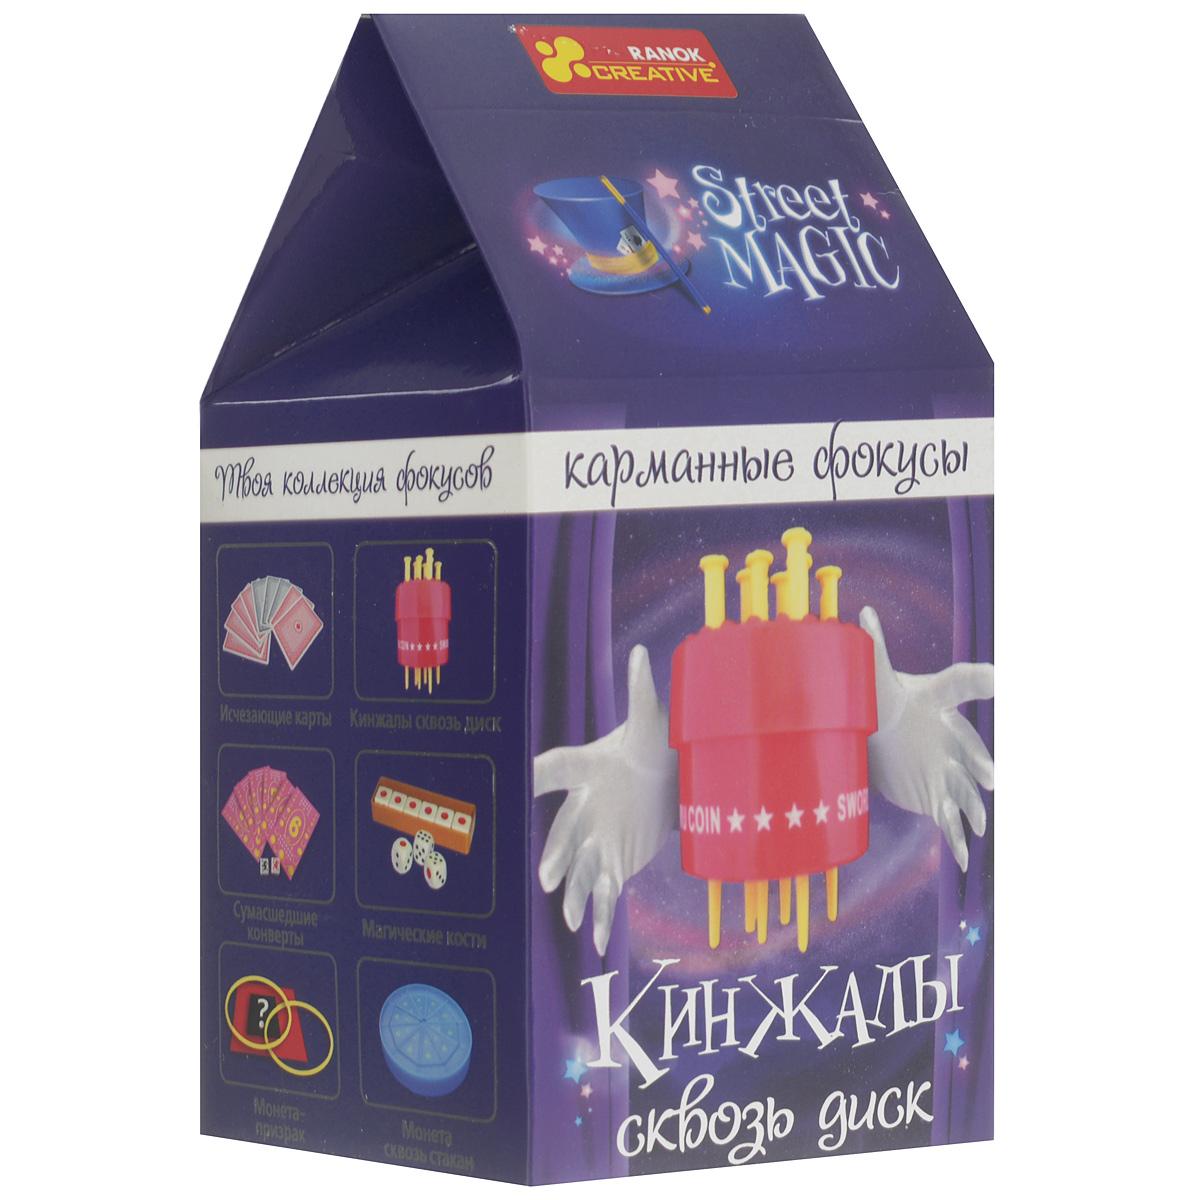 """Набор для фокусов Ranok """"Кинжалы сквозь диск"""" обязательно привлечет внимание вашего юного волшебника. Набор включает в себя все необходимое для удивительного фокуса: круглую пластиковую коробку с отверстиями и 8 пластиковых кинжалов. Карманные фокусы-это наборы с удивительными и зрелищными фокусами, в которых заключены секреты волшебства. Ребенок научится всем премудростям магии и почувствует себя настоящим волшебником. Наборы очень легкие и удобные, их можно брать с собой в дорогу или в гости, где ваш ребенок сможет продемонстрировать ловкость рук и чудеса магии. Порадуйте своего ребенка таким замечательным и магическим подарком."""